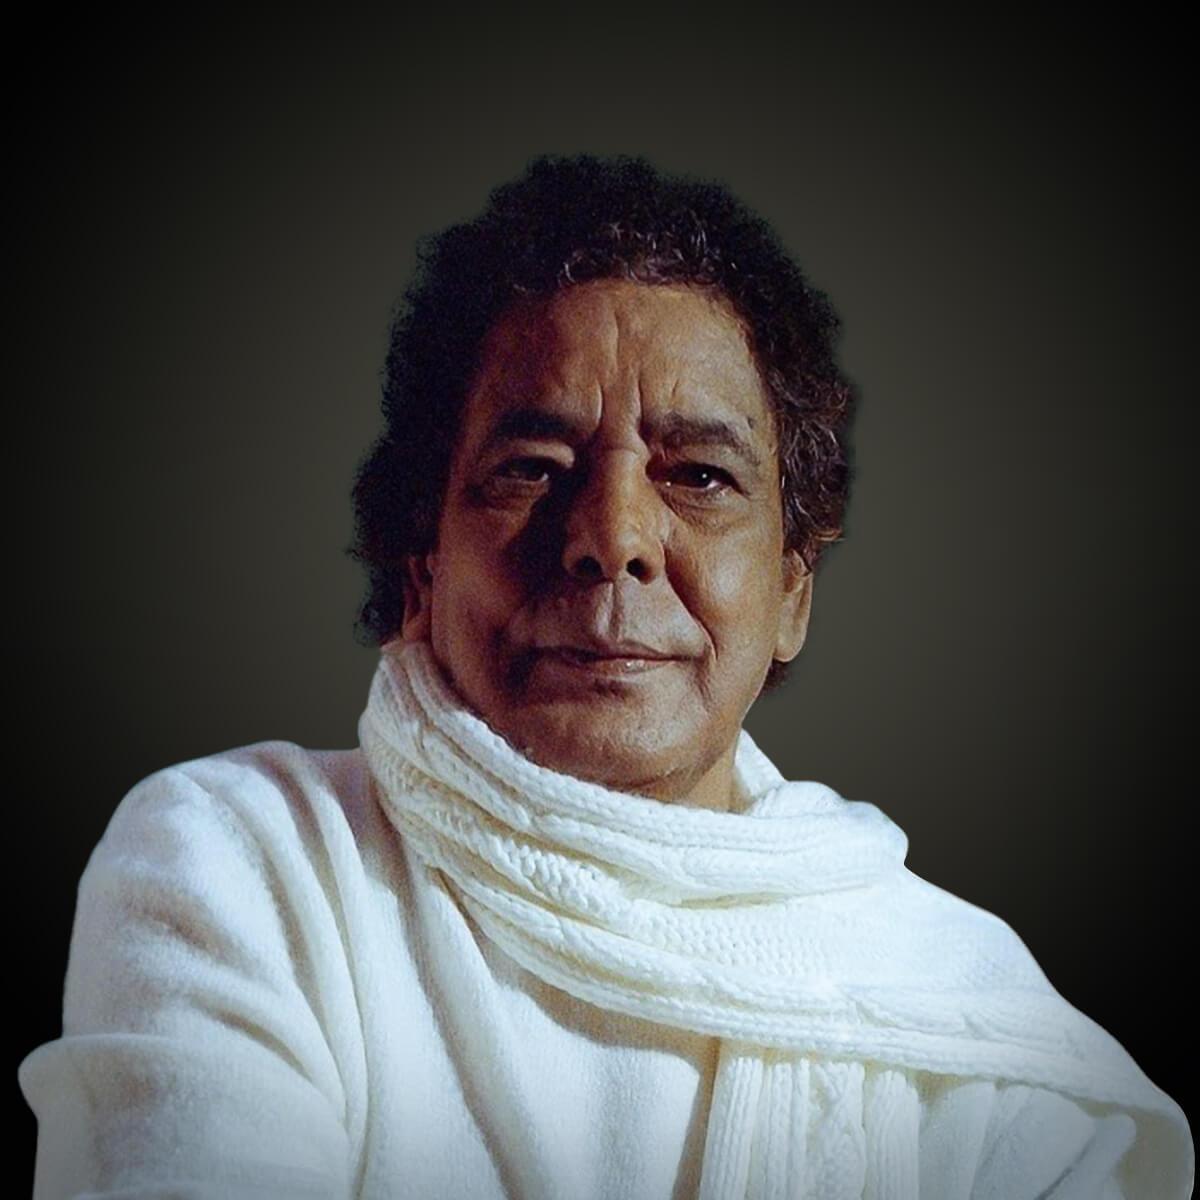 mohamed mounir arab singer